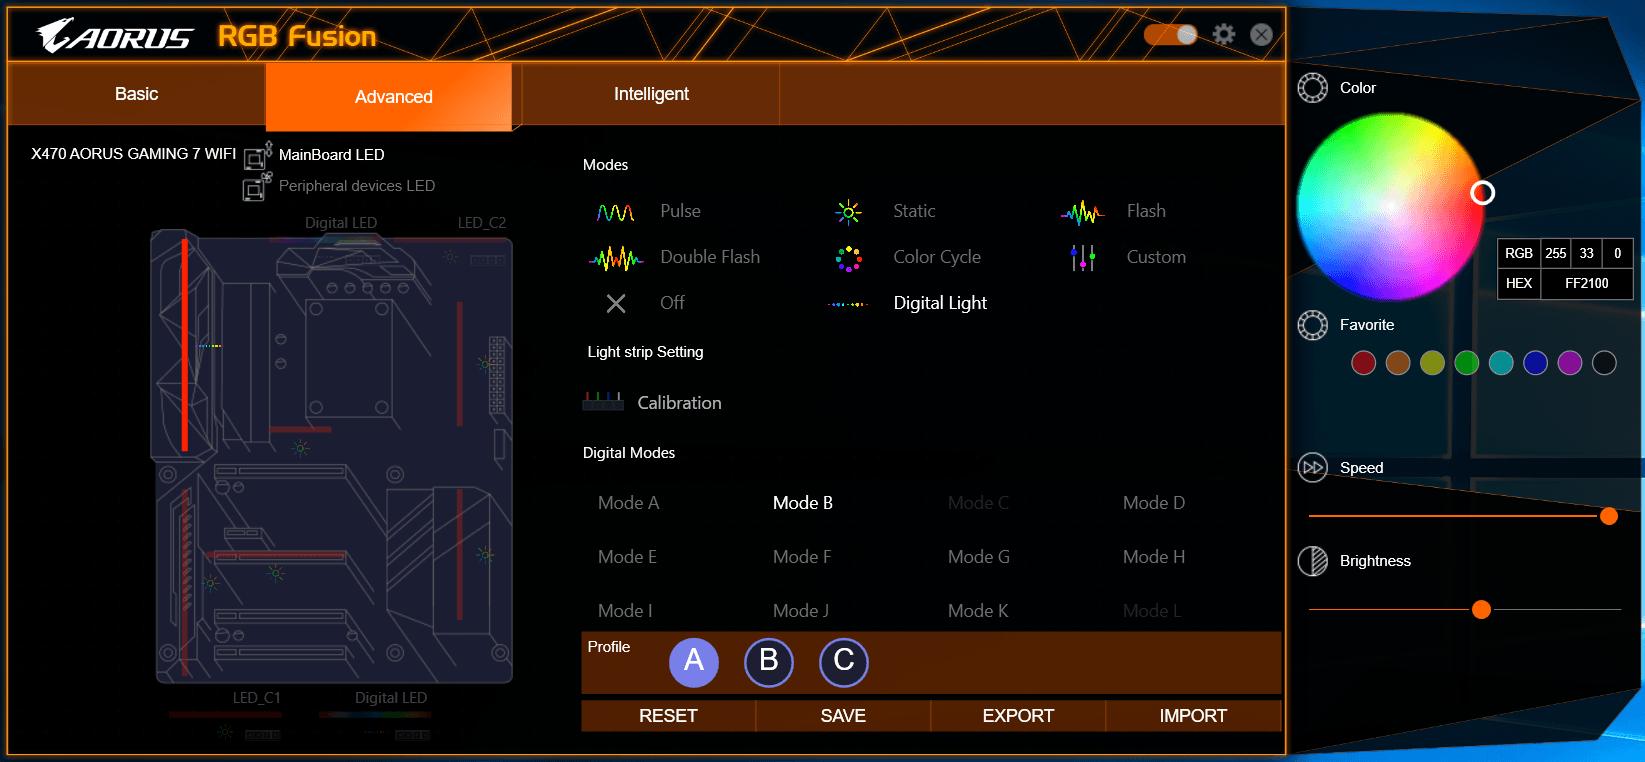 GIGABYTE RGB Fusion_4